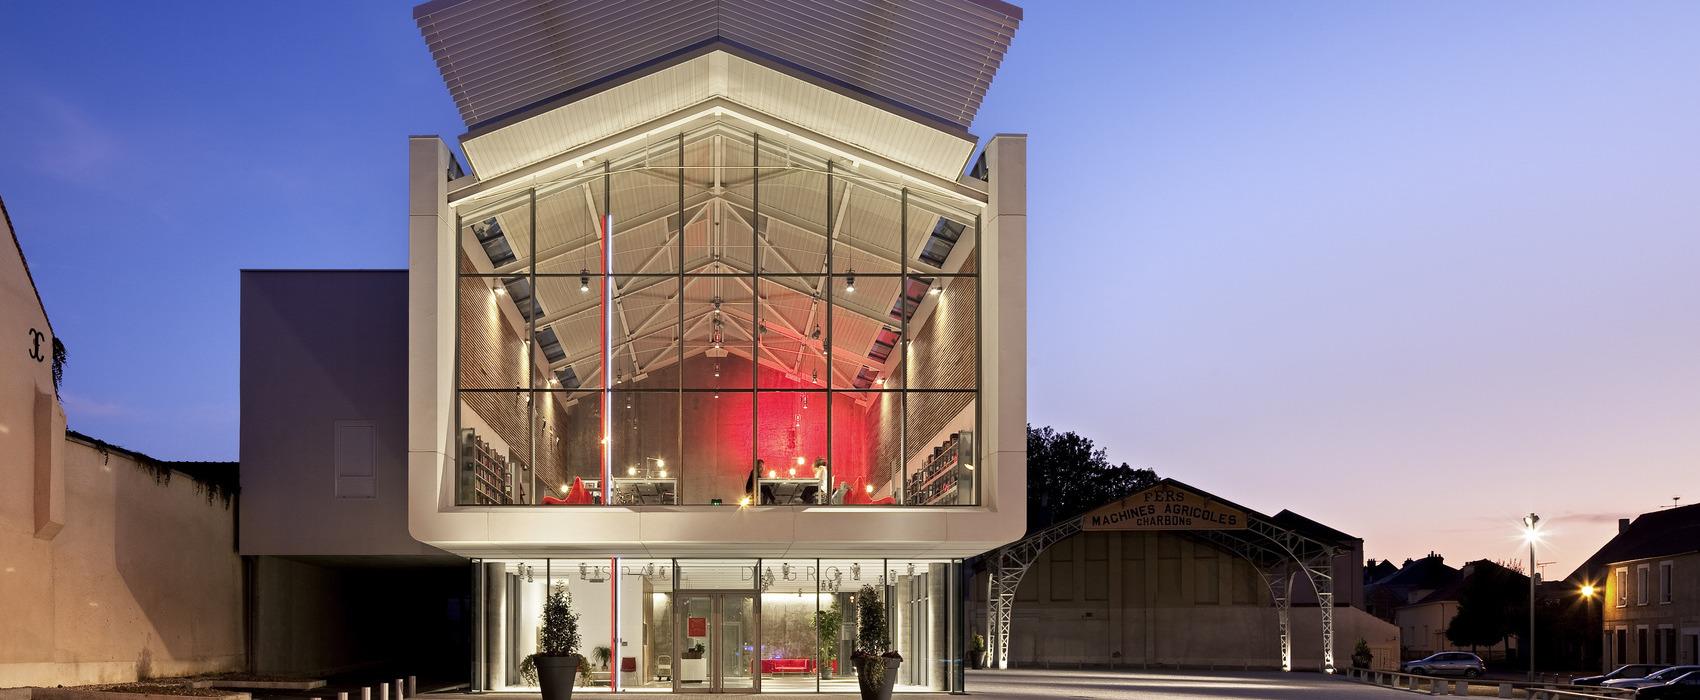 Cultural Center Dagron - Auneau France